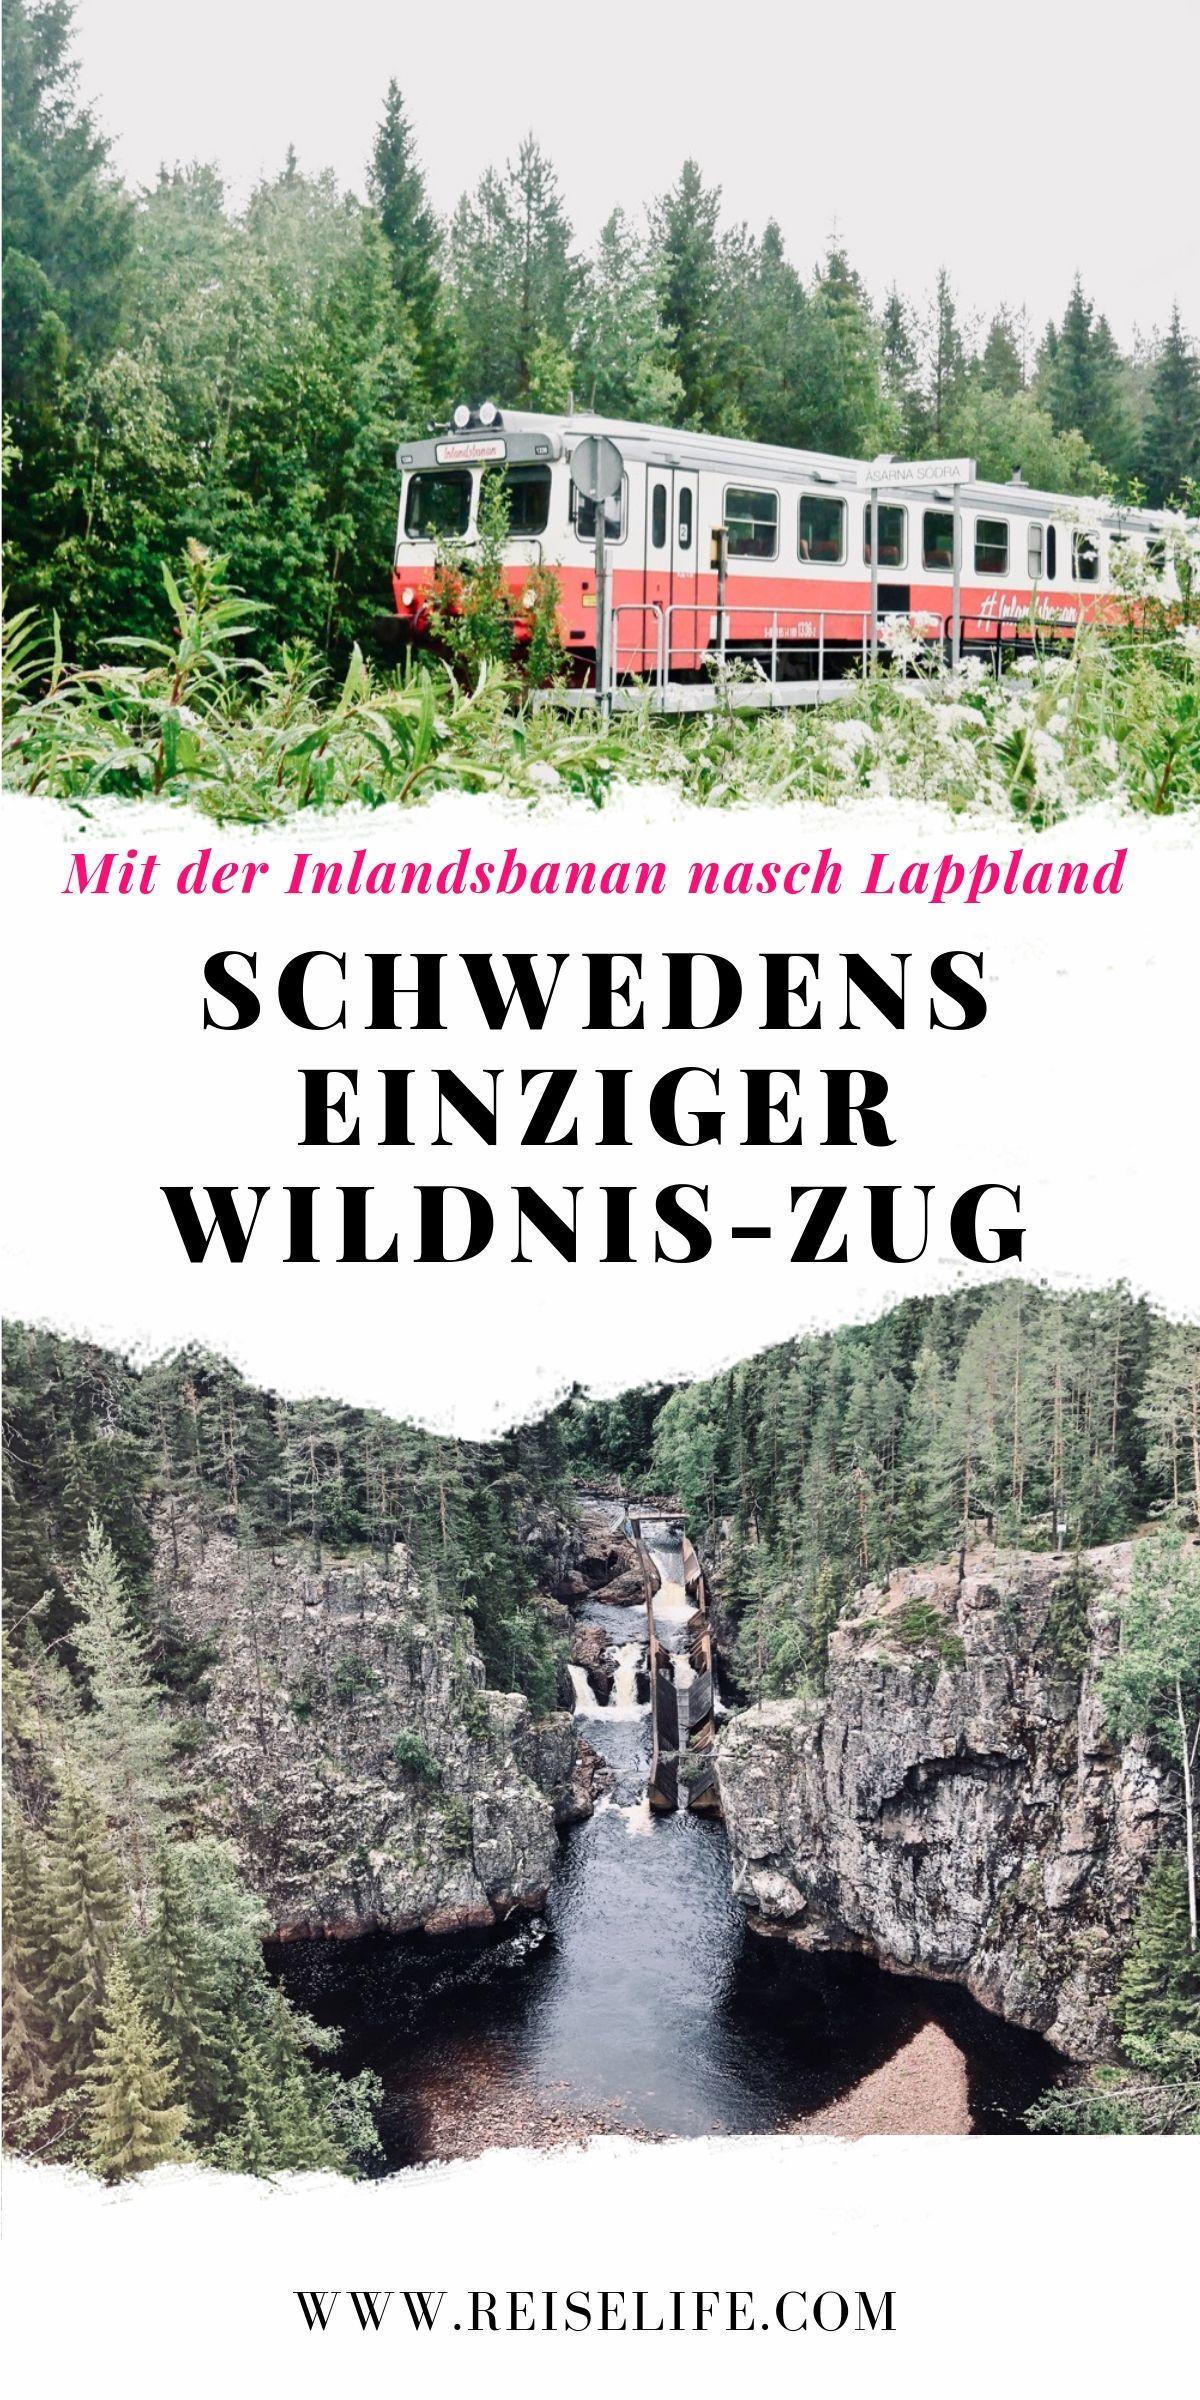 Nächster Stopp Polarkreis - Mit dem Wildnis-Zug Schweden entdecken! #aroundtheworldtrips